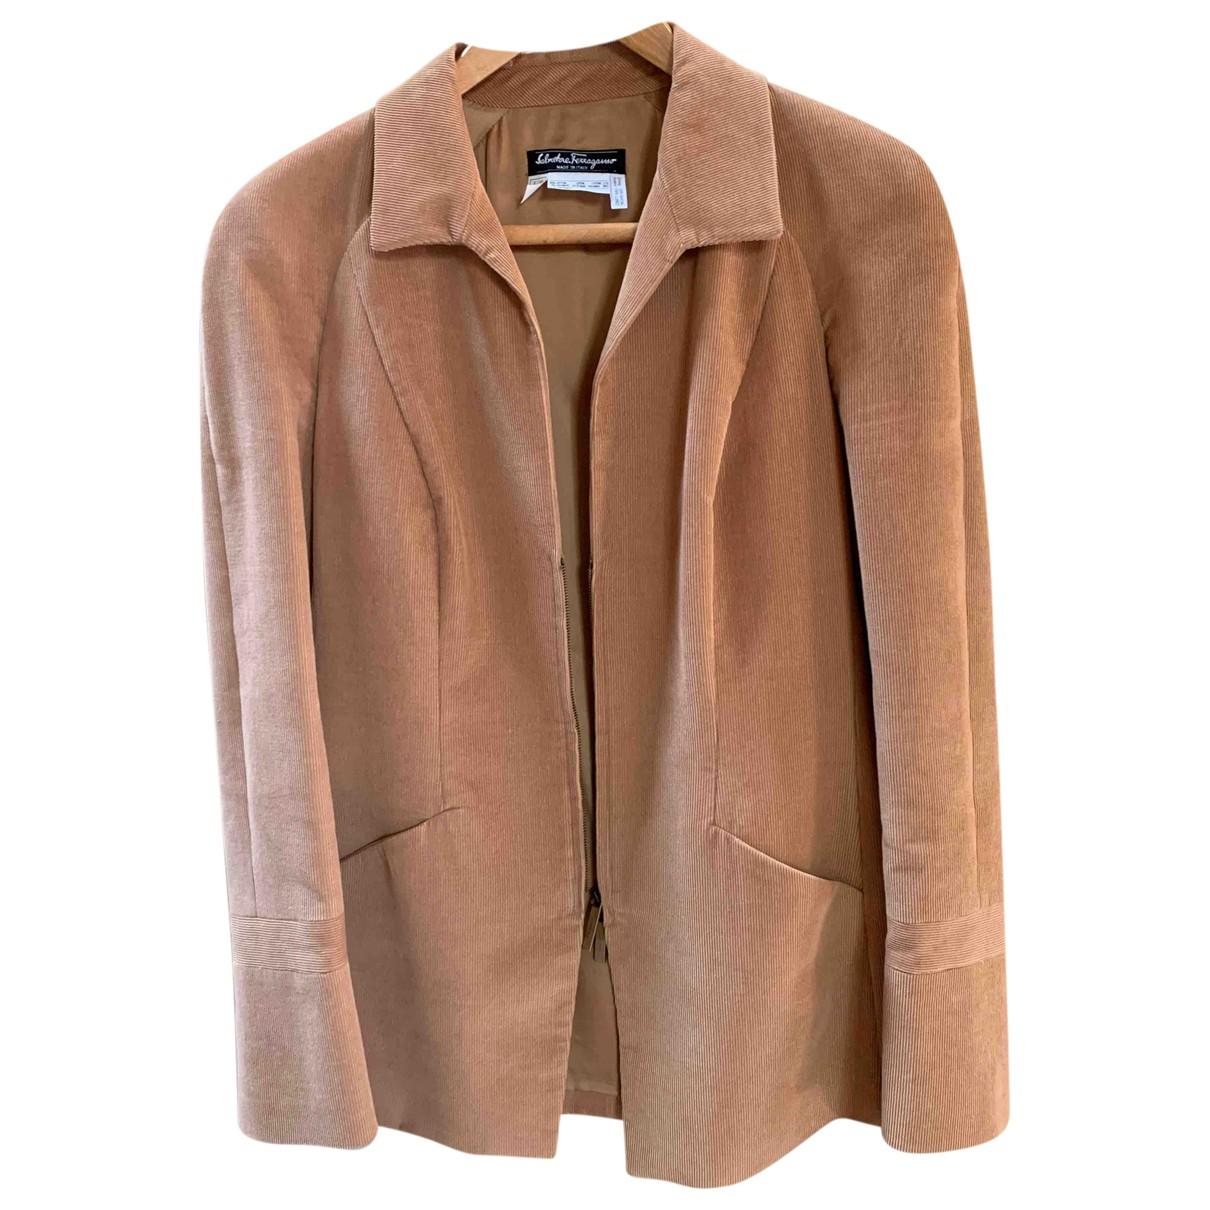 Salvatore Ferragamo N Brown Cotton jacket for Women 42 FR